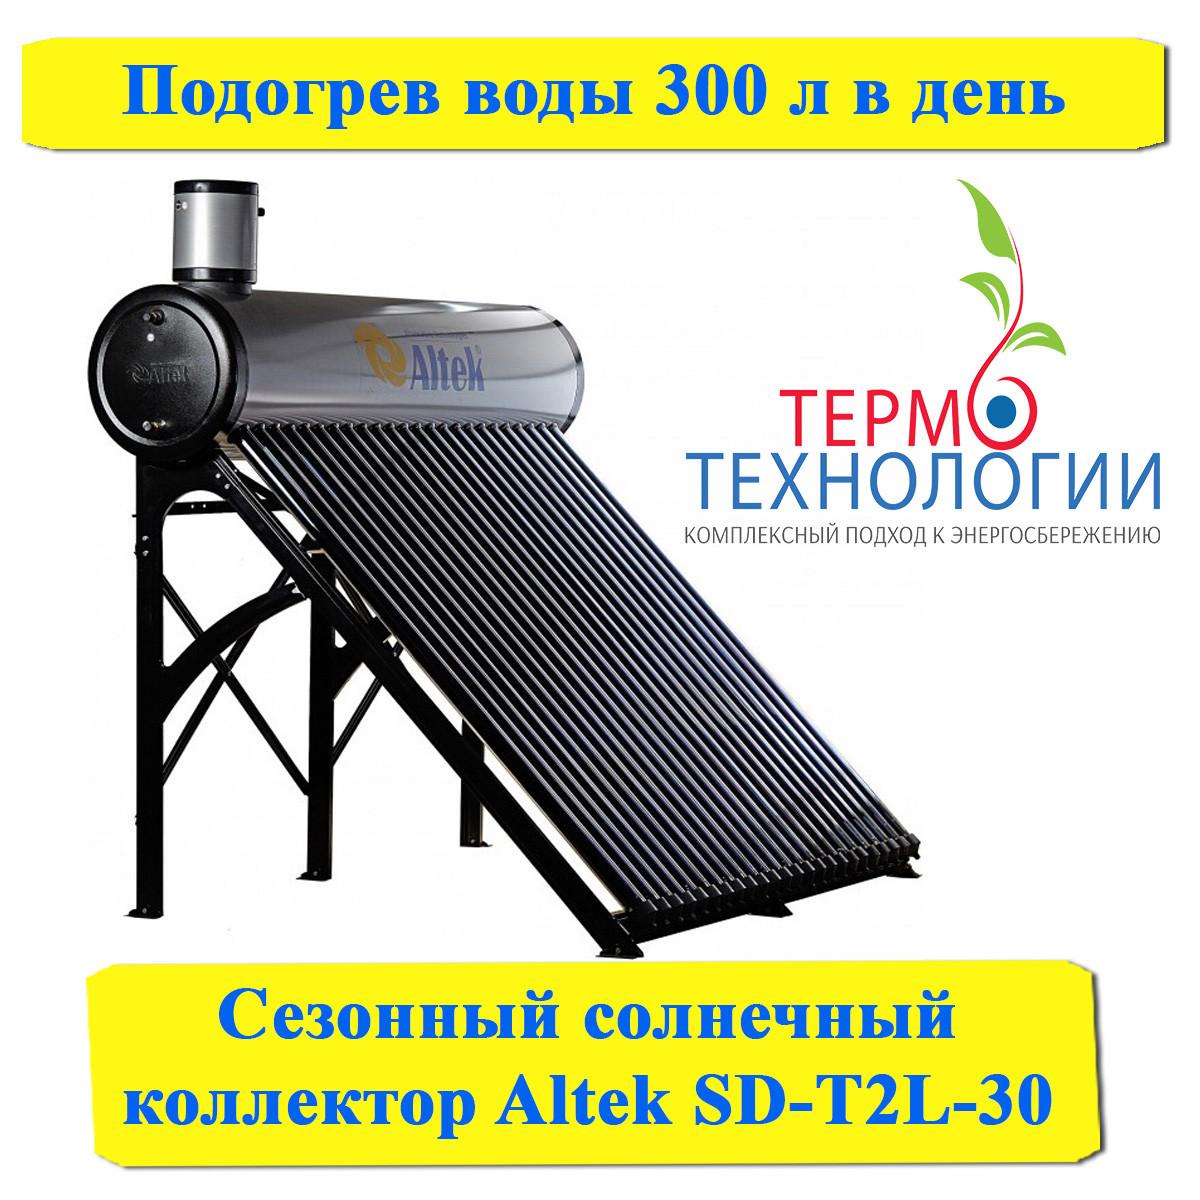 Солнечный коллектор Altek SD-T2L-30. Бак из нержавеющей стали